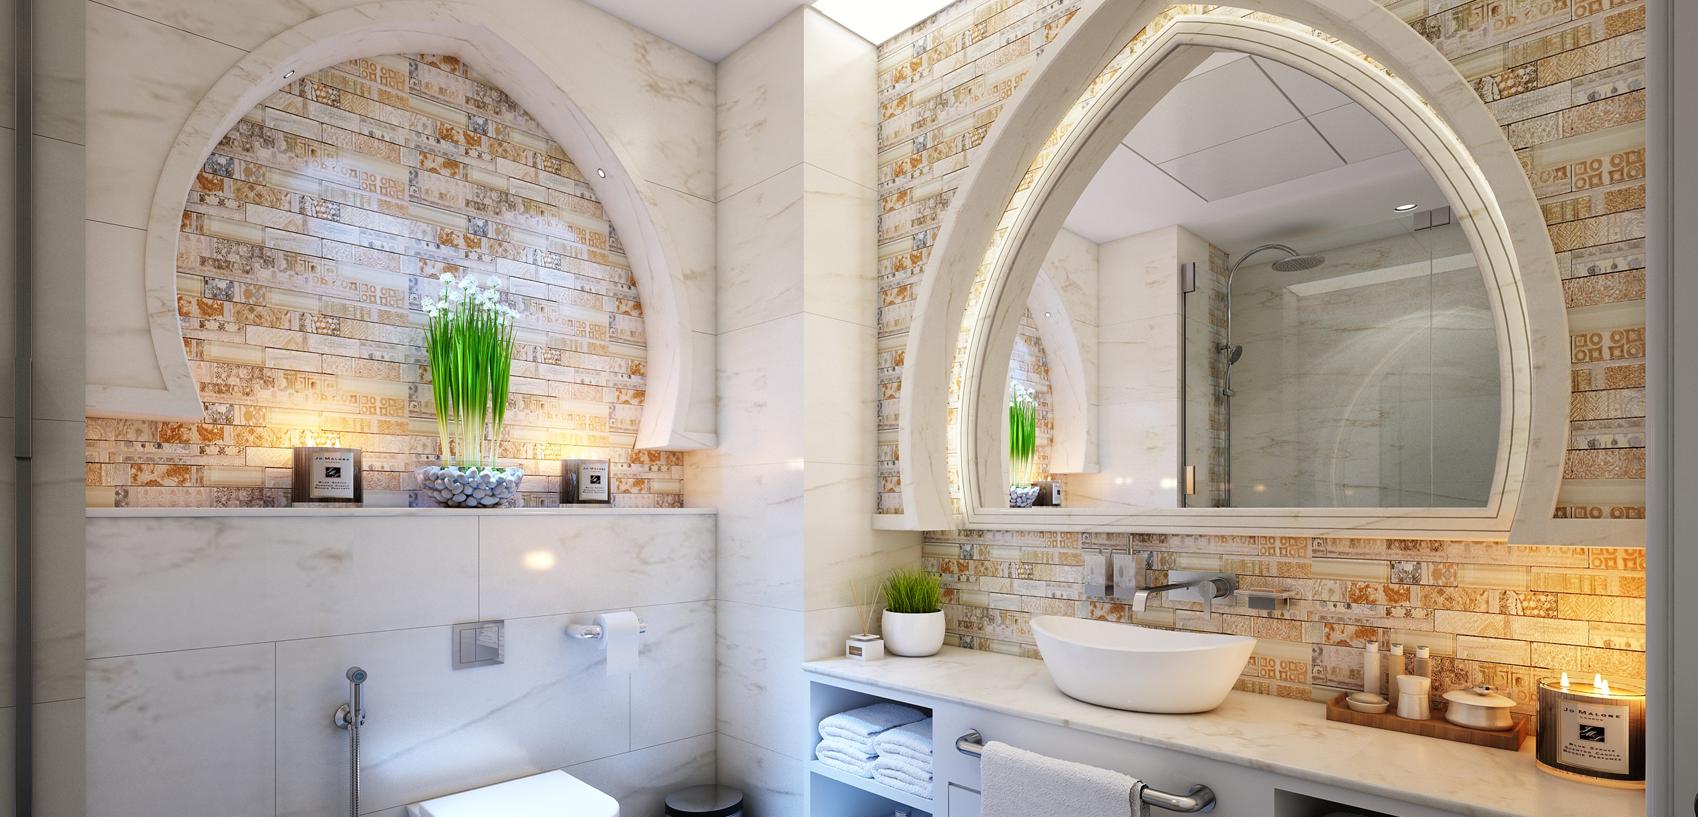 5 modi per arredare casa con gli specchi home reload - Specchi in casa ...